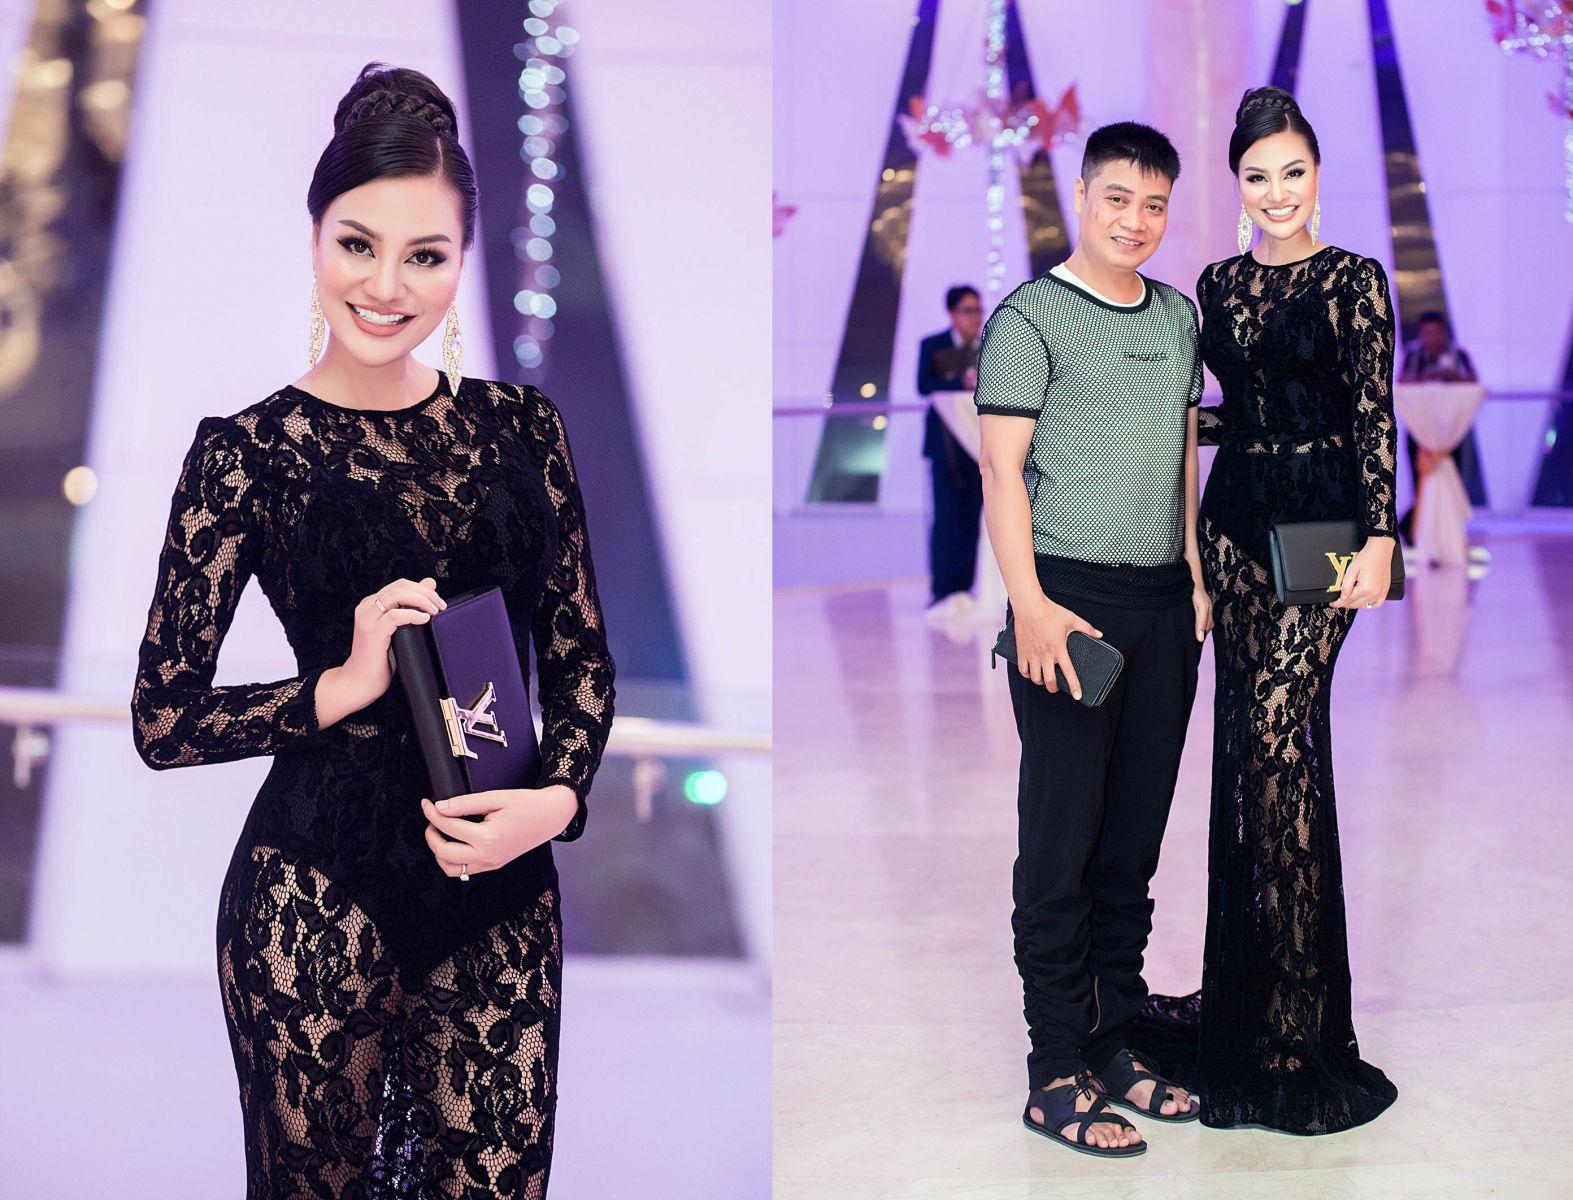 Nữ hoàng sắc đẹp Trần Huyền Nhung xuất hiện điệu đà với bộ đầm xuyên thấu quyến rũ